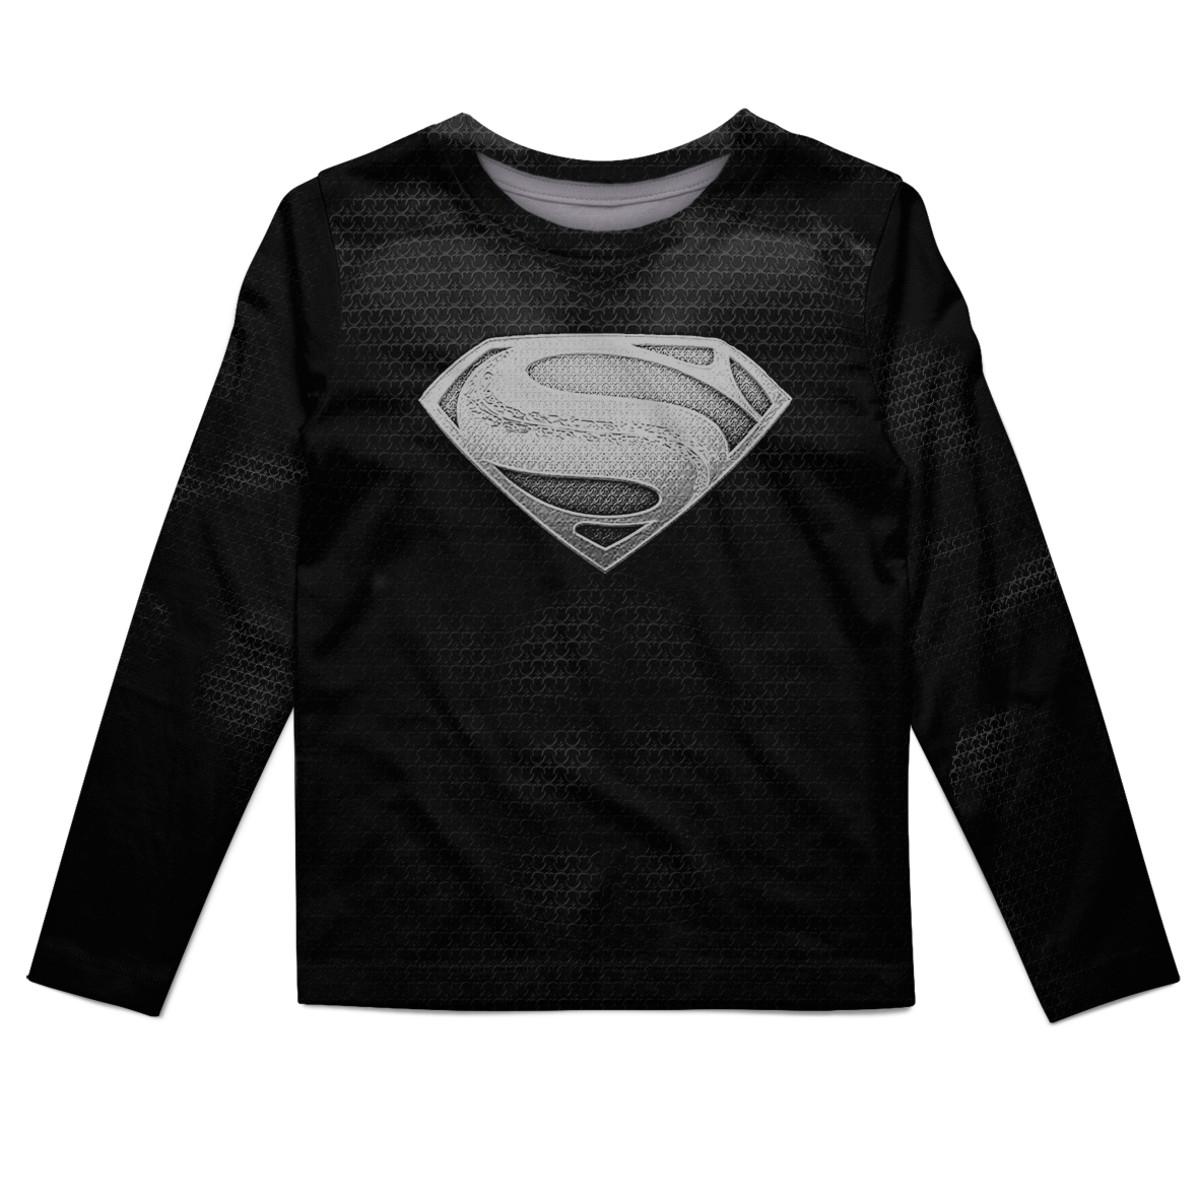 f280b84301 Camiseta Manga Longa infantil Superman Black no Elo7